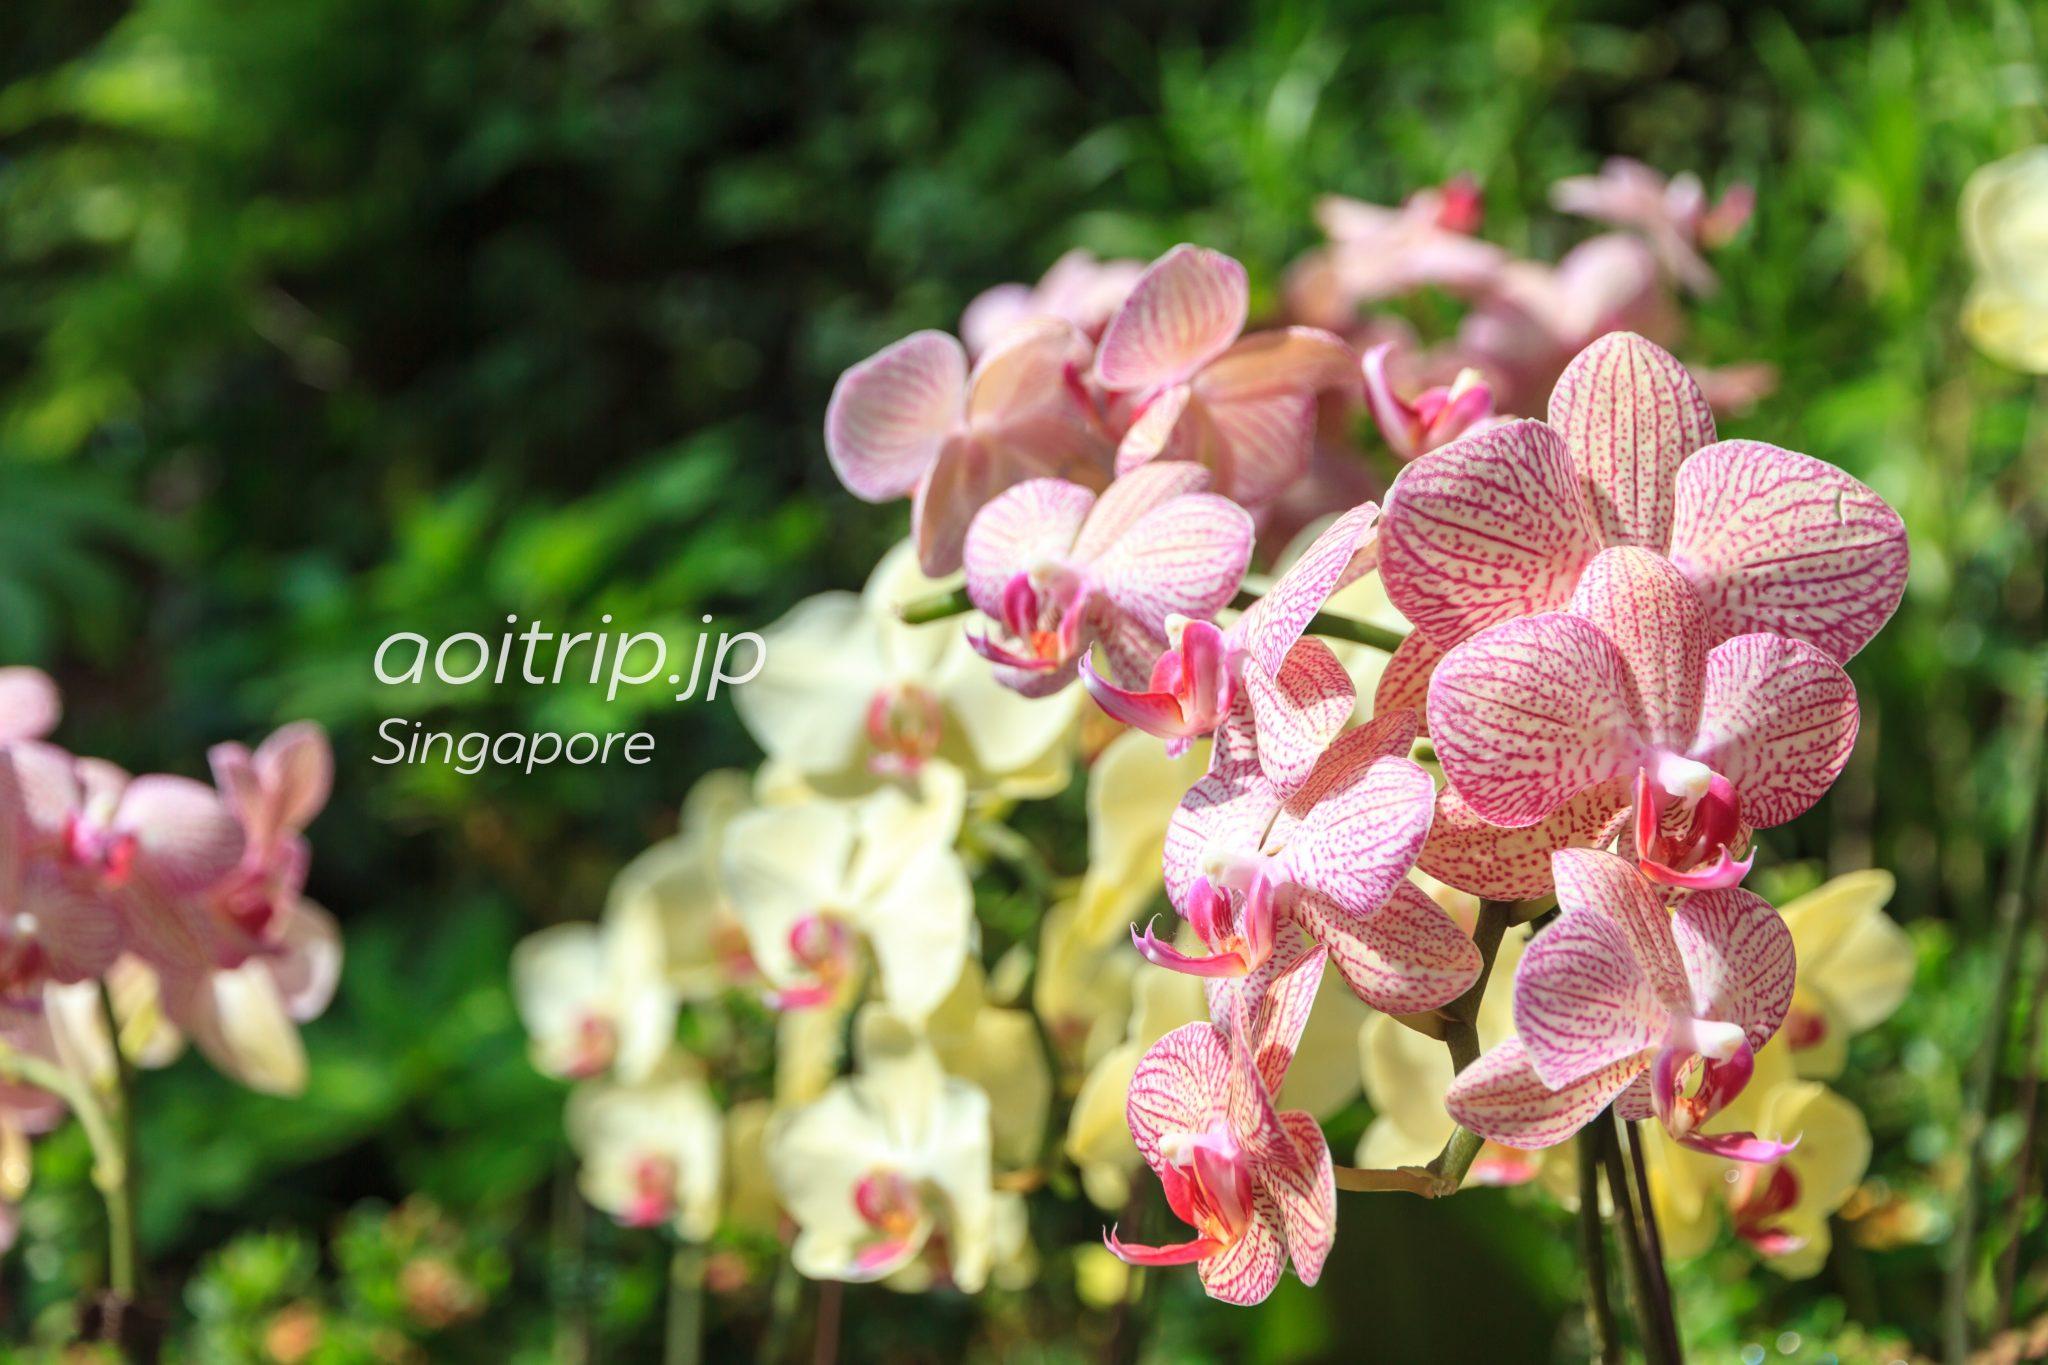 シンガポールの国花、蘭(Orchid)の花